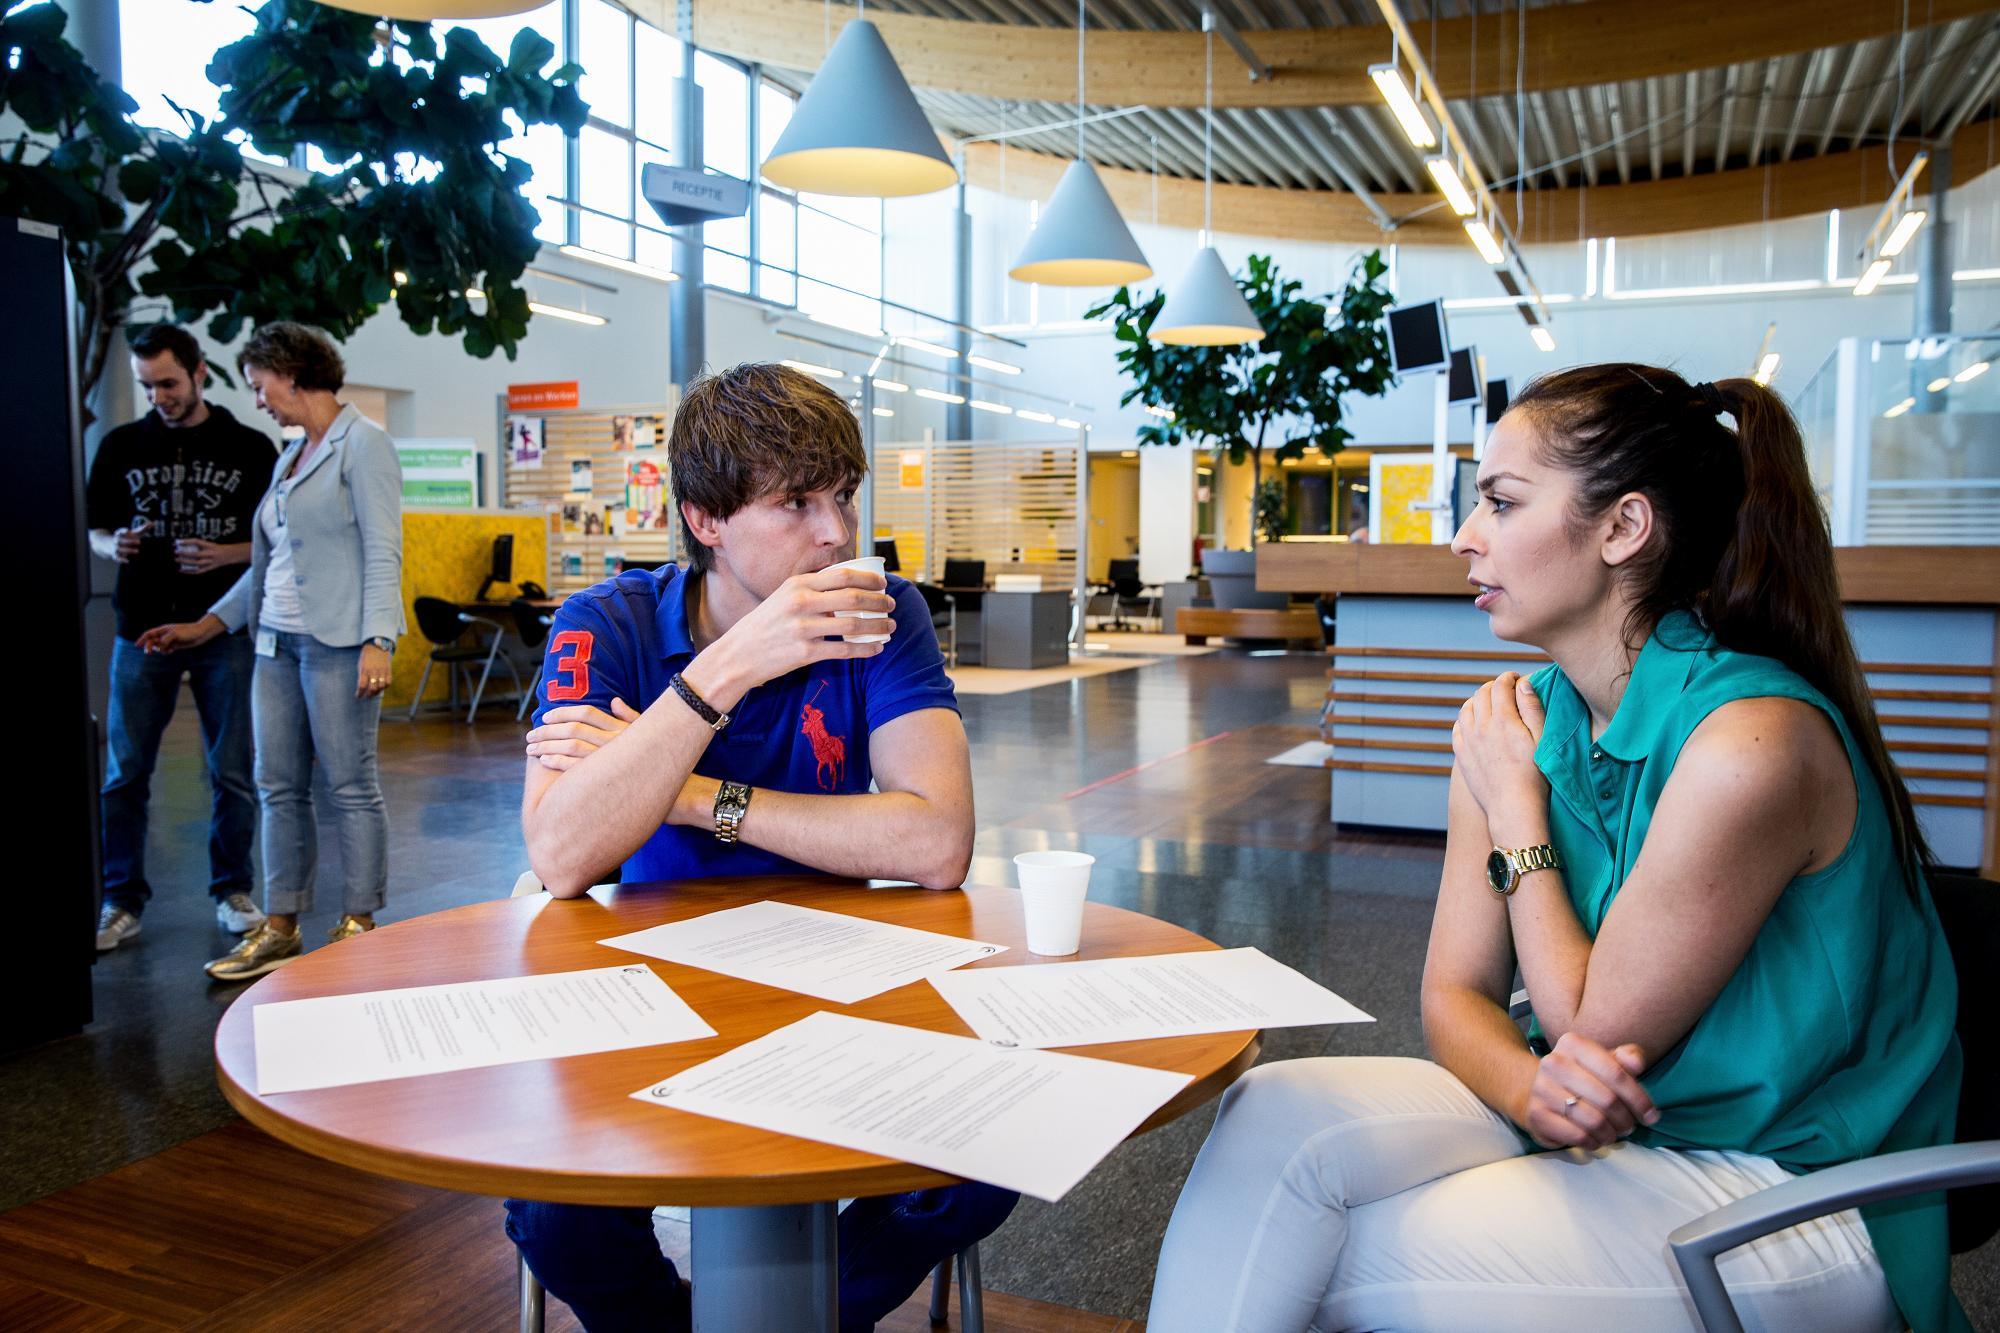 Werkgevers en werkzoekenden kunen elkaar ontmoeten tjidens een workdate